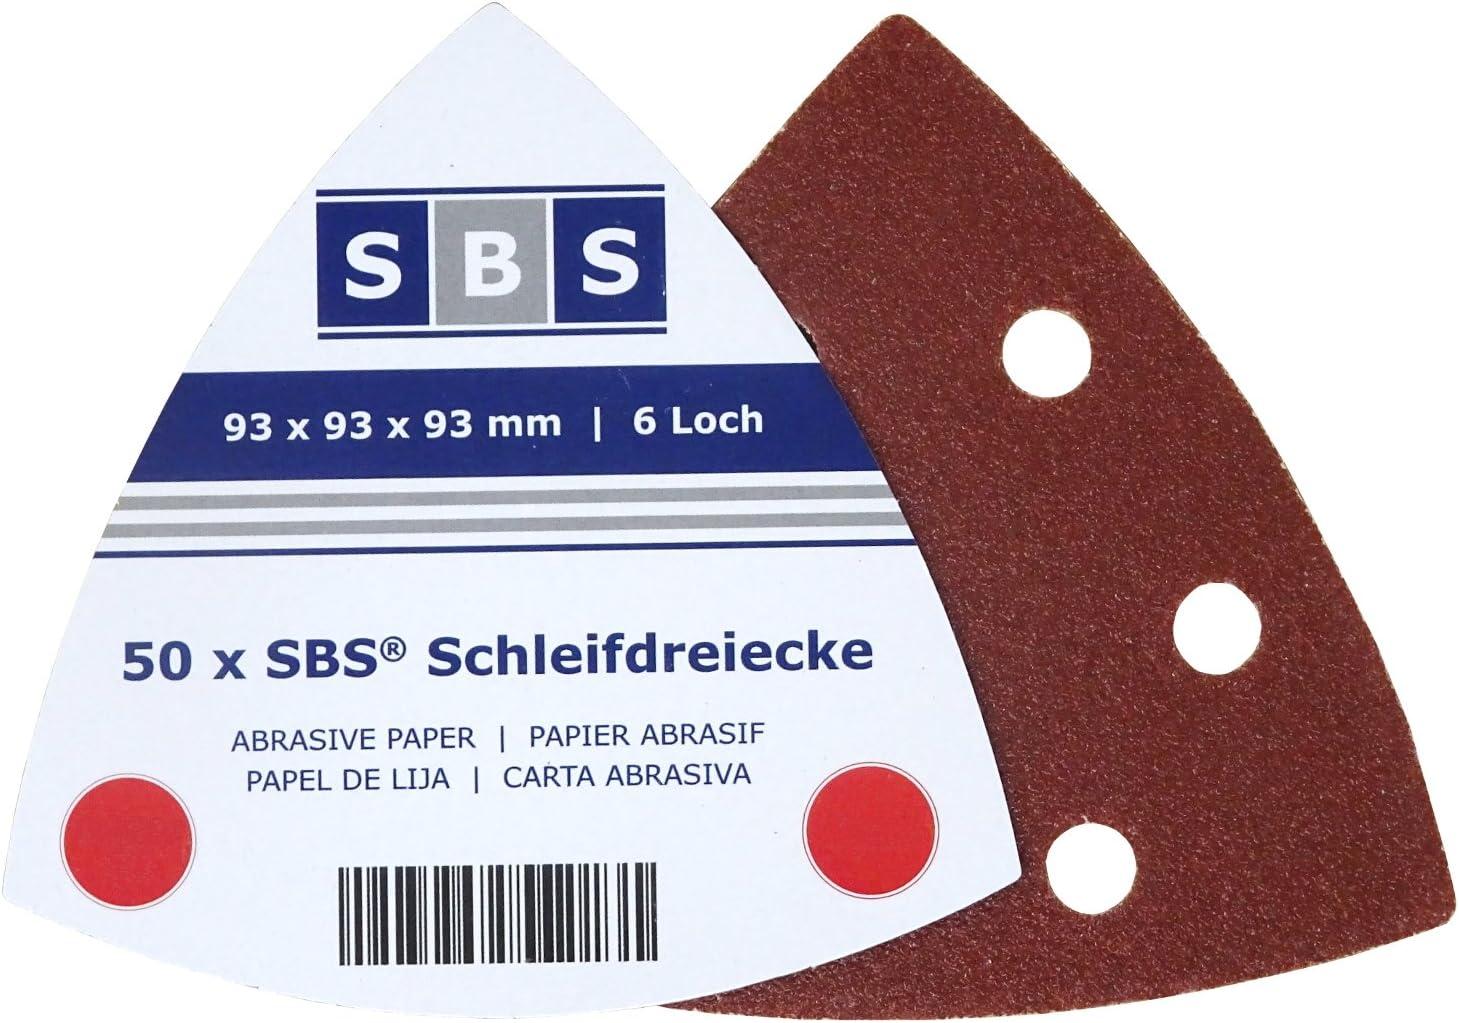 MENZER Black Klett-Schleifbl/ätter Siliciumcarbid Deltaschleifer f Korn 60 50 Stk. 93 mm 6-Loch